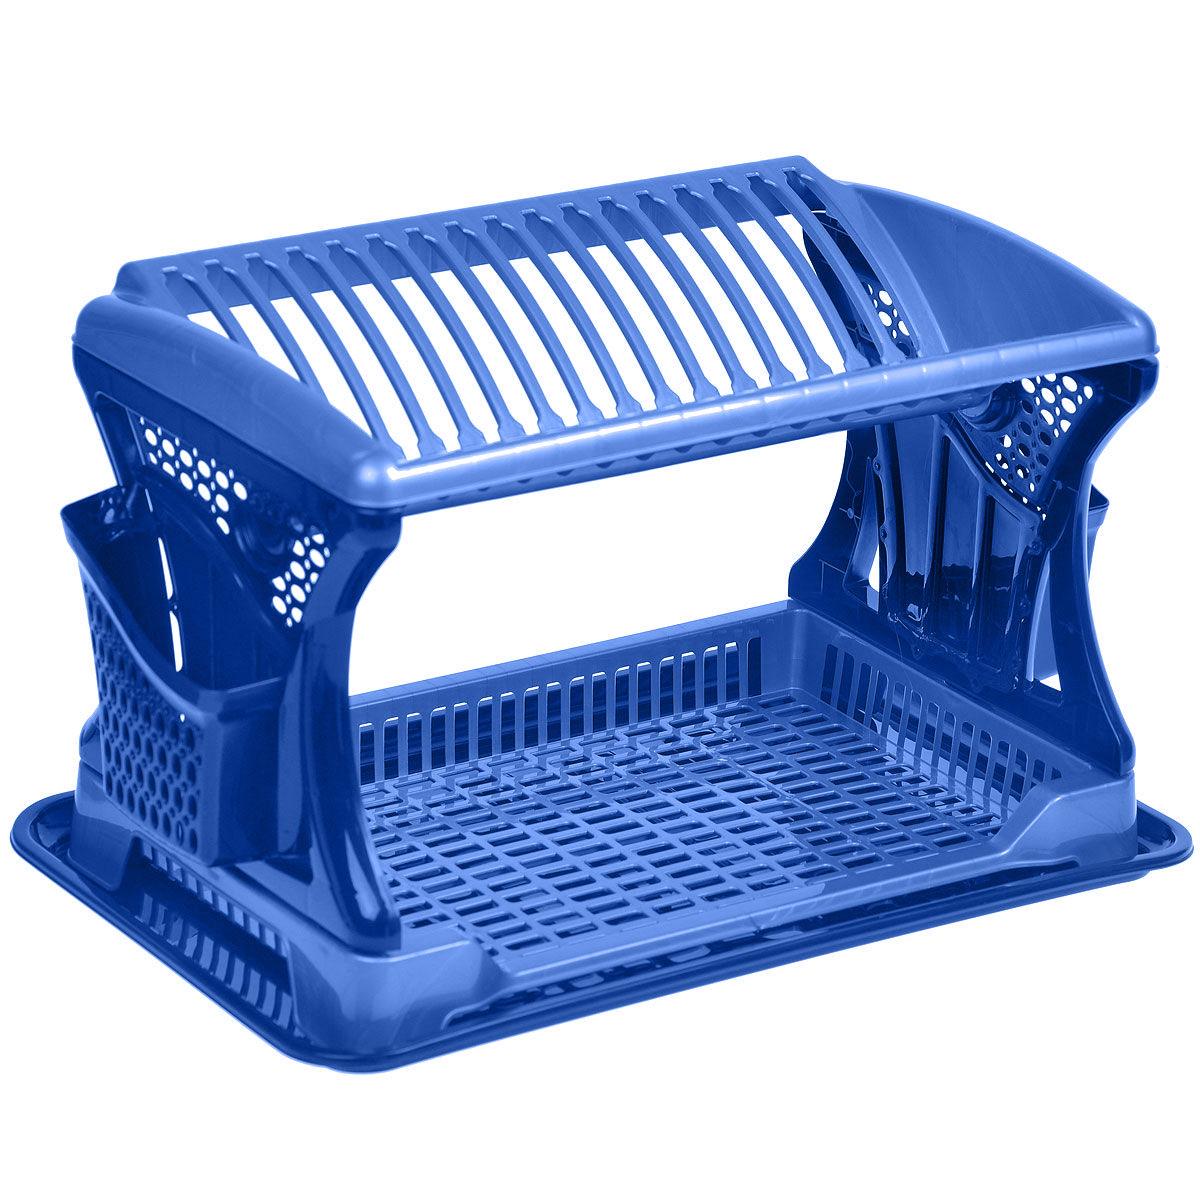 Сушилка для посуды Dunya Plastik Katli Tabaklik, 2-ярусная, цвет: синий, голубой, 30 х 46 х 29 см7201 синий, голубойСушилка Dunya Plastik Katli Tabaklik выполнена из прочного пластика и оснащена поддоном и двумя подставками для приборов. Изделие комплектуется двумя ярусами: верхний ярус - для тарелок, нижний ярус - для кружек, мисок и других предметов. Благодаря своей функциональности, сушка для посуды Dunya Plastik Katli Tabaklik займет достойное место на вашей кухне и будет очень полезна любой хозяйке. Стильный, современный и лаконичный дизайн сделает сушку прекрасным дополнением интерьера вашей кухни. Сушилку для посуды можете установить в любом удобном месте. Компактные размеры и оригинальный дизайн выделяют сушку из ряда подобных. Размер поддона: 46 см х 30 см х 2,5 см. Размер подставки для приборов: 16 см х 3,5 см х 13 см.